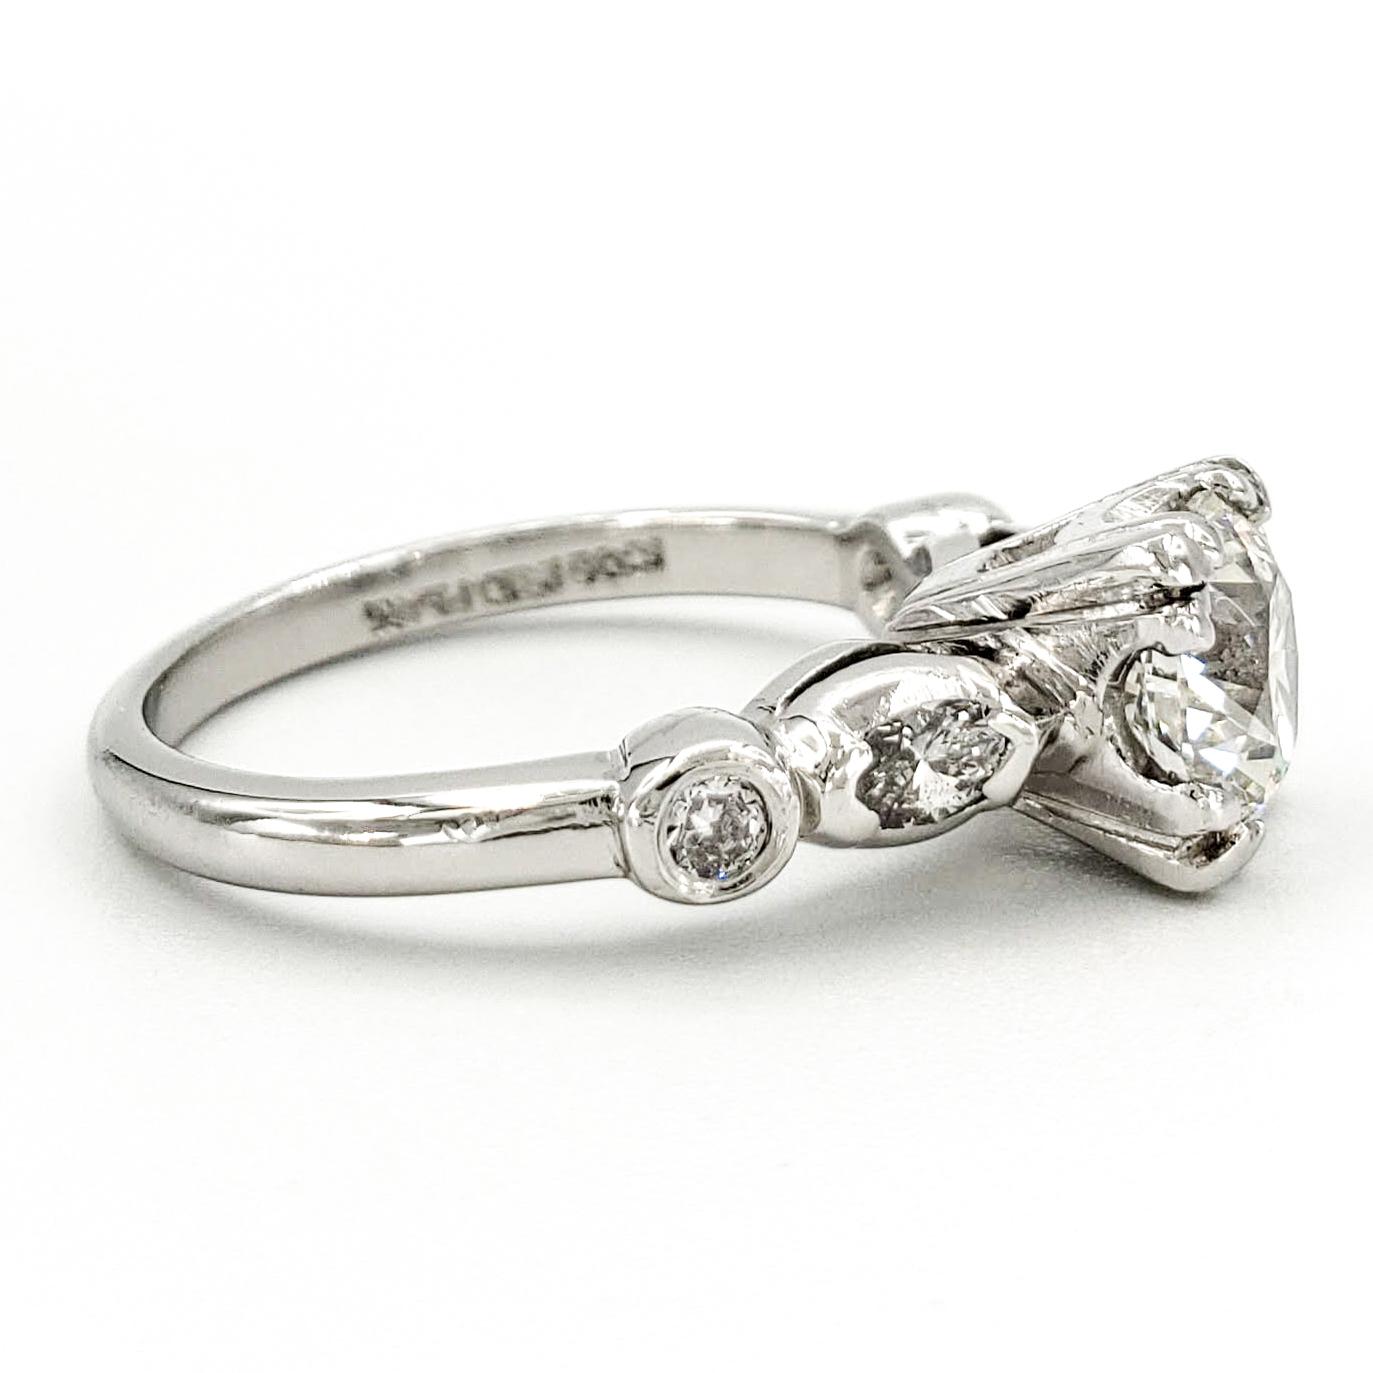 vintage-platinum-engagement-ring-with-1-05-carat-round-brilliant-cut-diamond-egl-h-si3